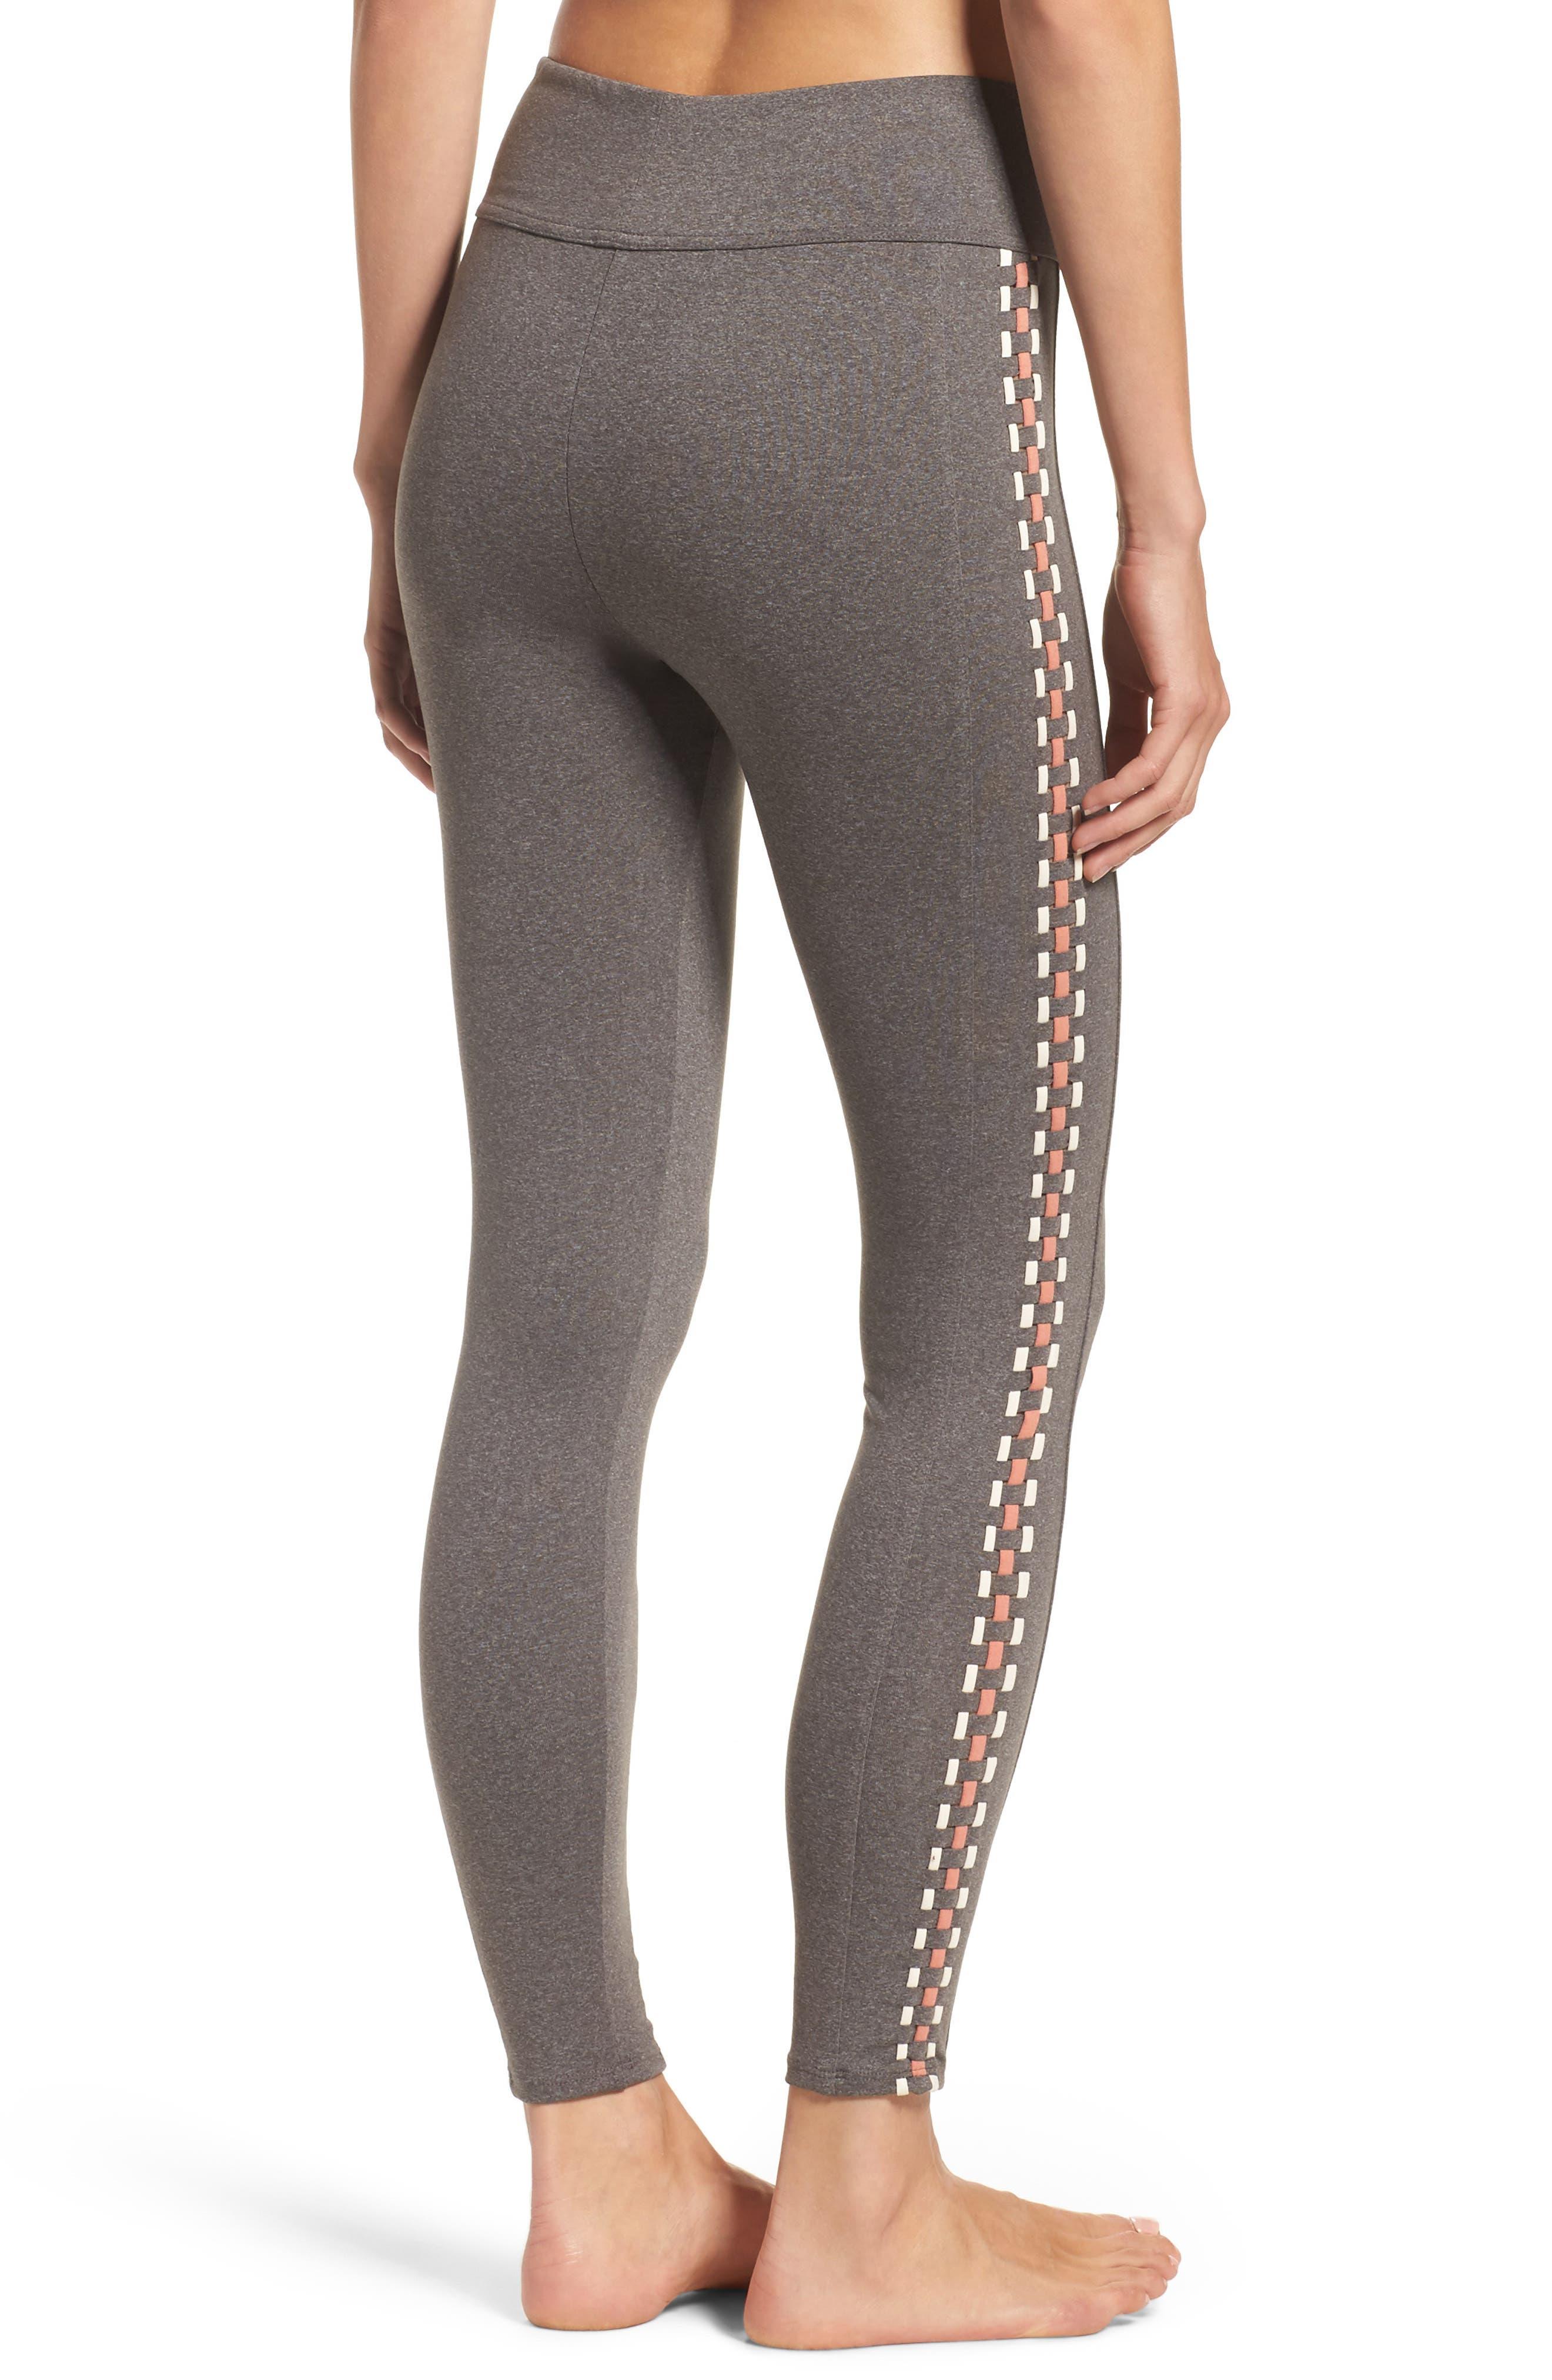 FP Movement Dreamweaver Leggings,                         Main,                         color, Grey